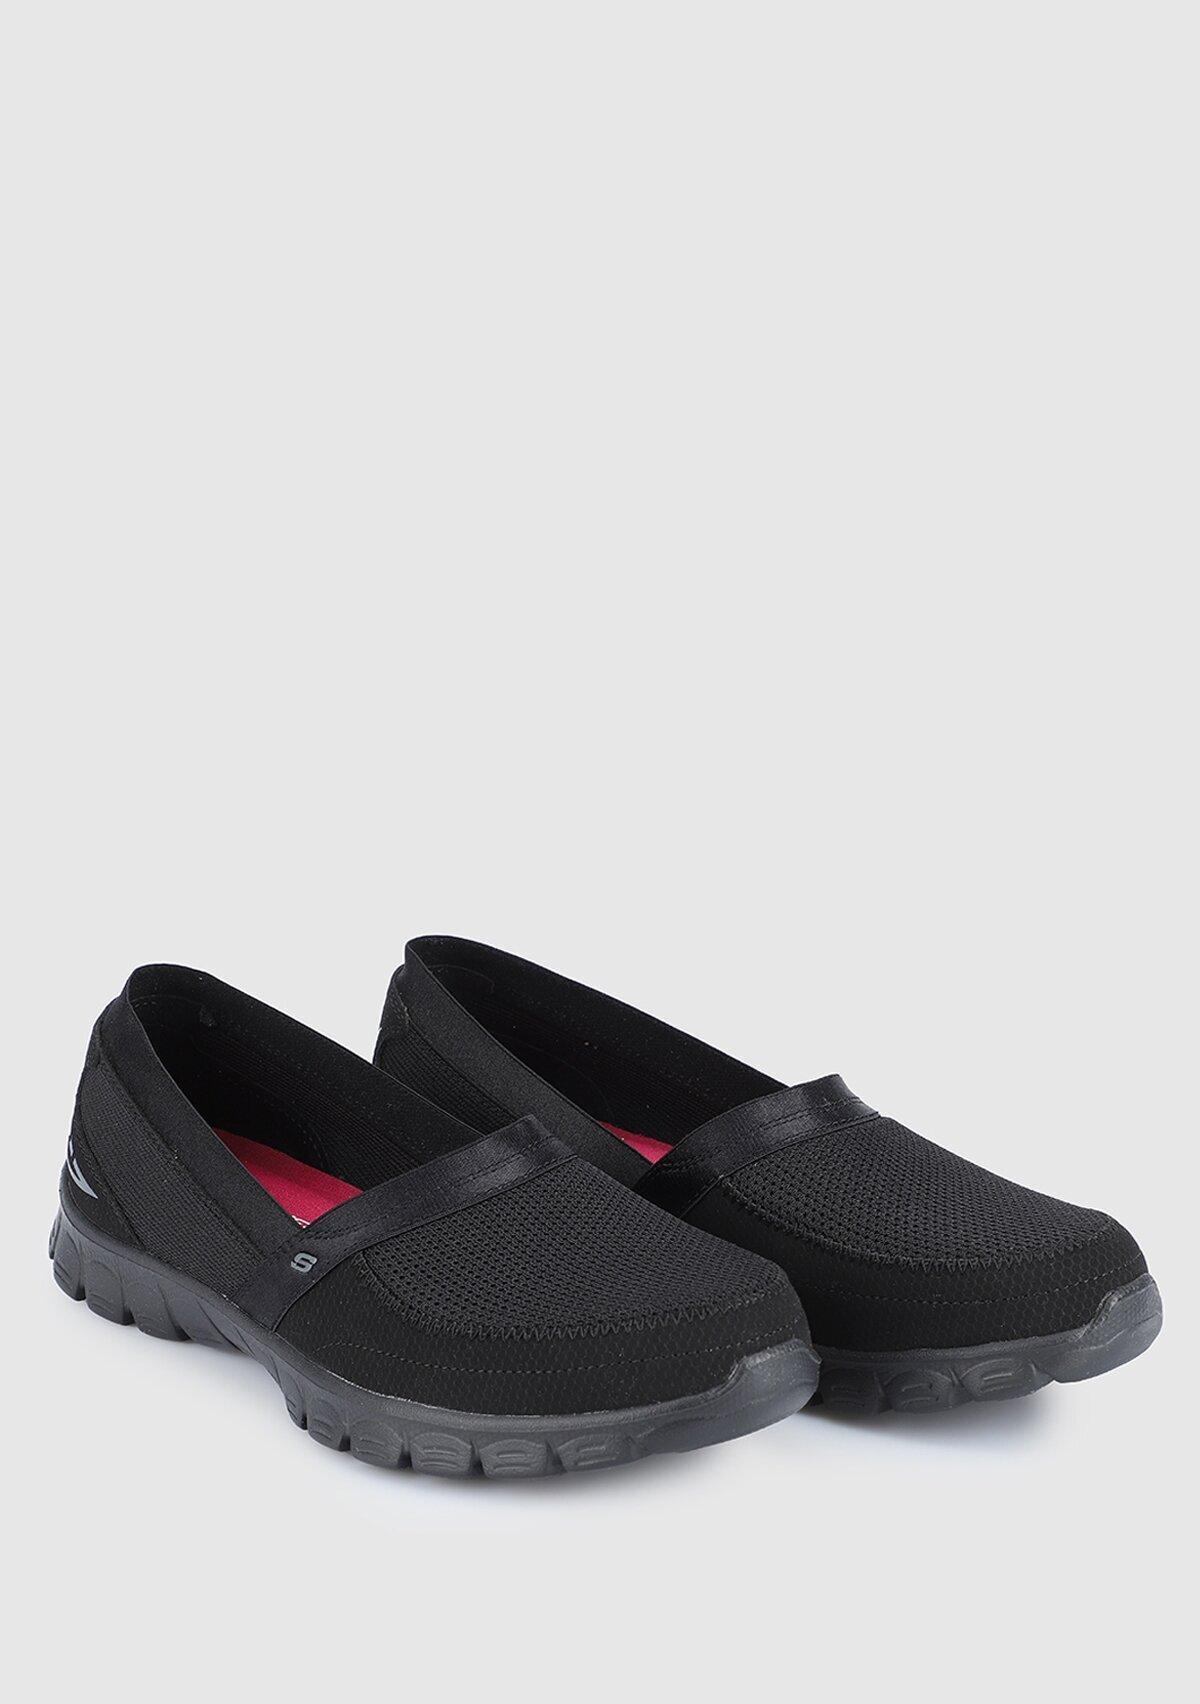 resm Ez Flex 3.0 Siyah Kadın Sneaker 99999548Bbk